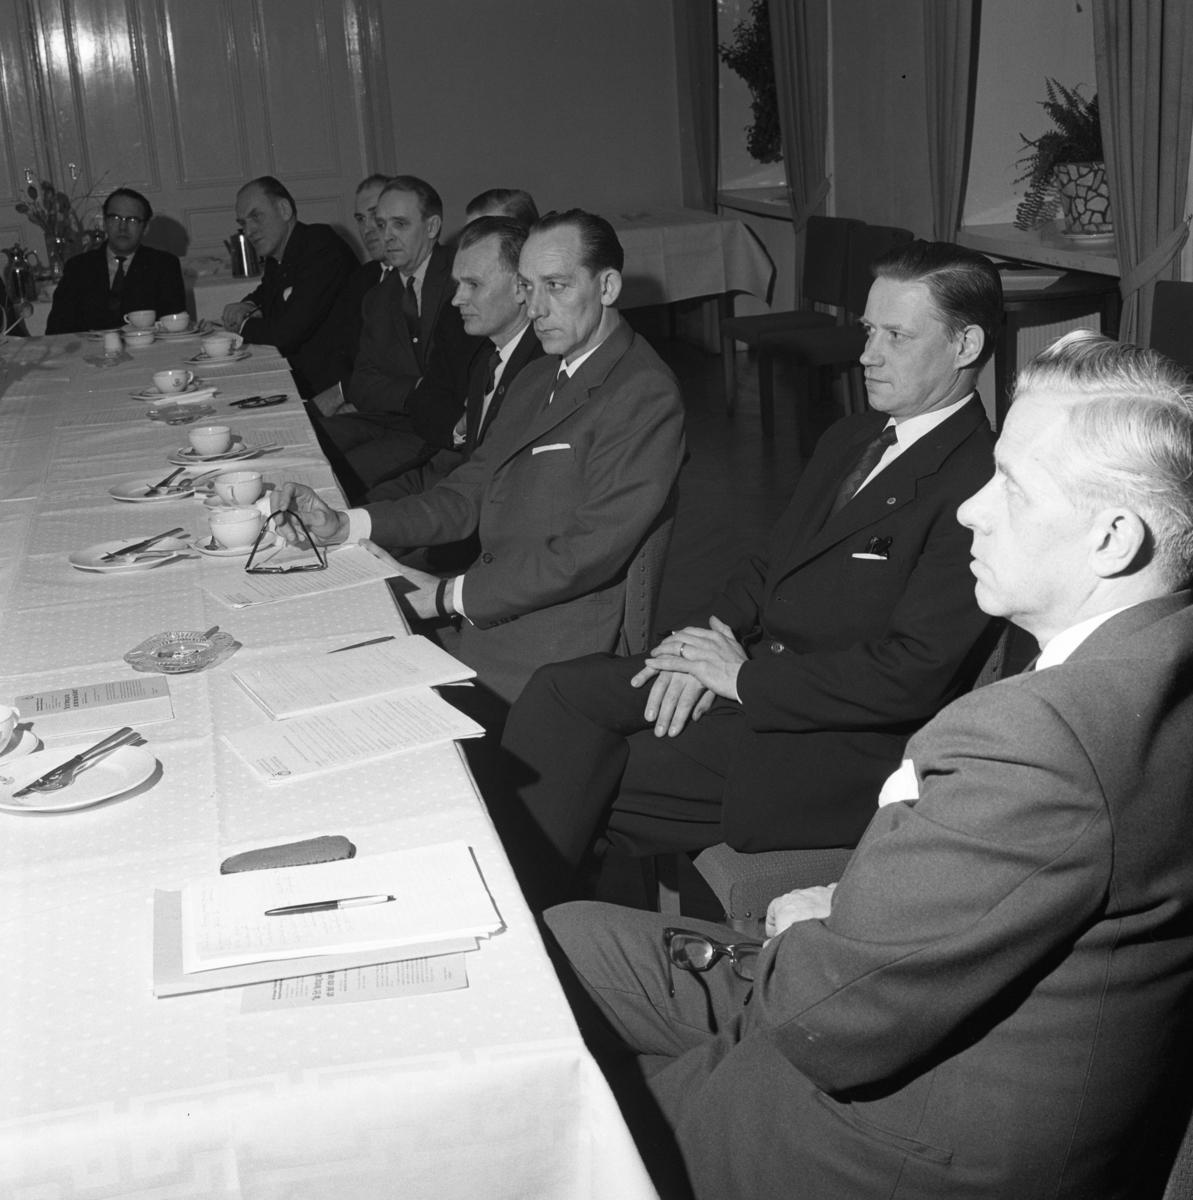 Hantverksföreningens PR-kurs Kostymklädda män sitter vid ett bord som är dukat med kaffekoppar och askfat.